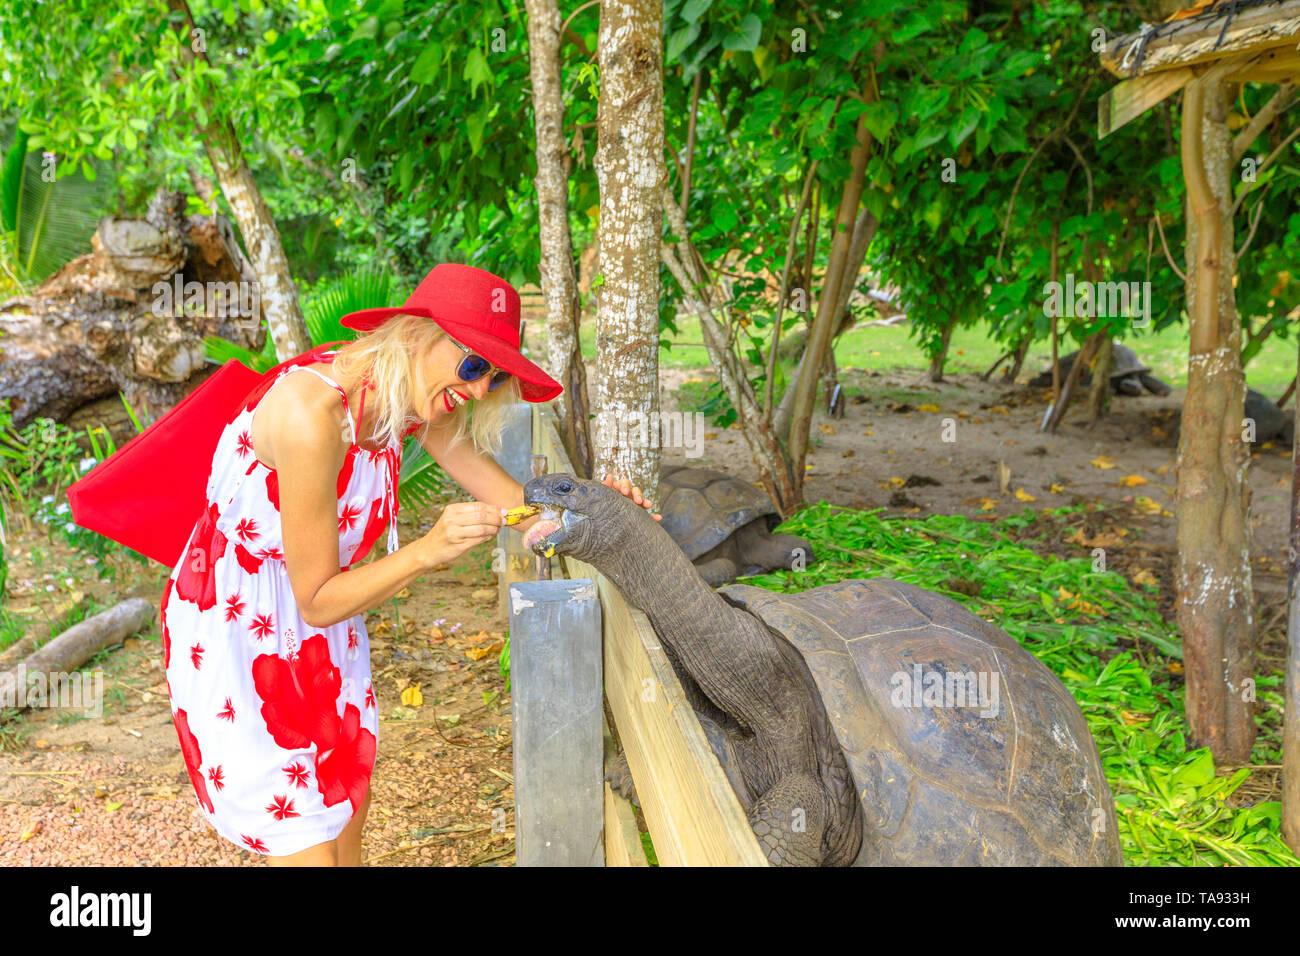 Elegant caucasian happy tourist woman feeding a ancient male of Aldabra Giant Tortoise, Aldabrachelys gigantea, a tortoise native to Aldabra atoll. Po - Stock Image